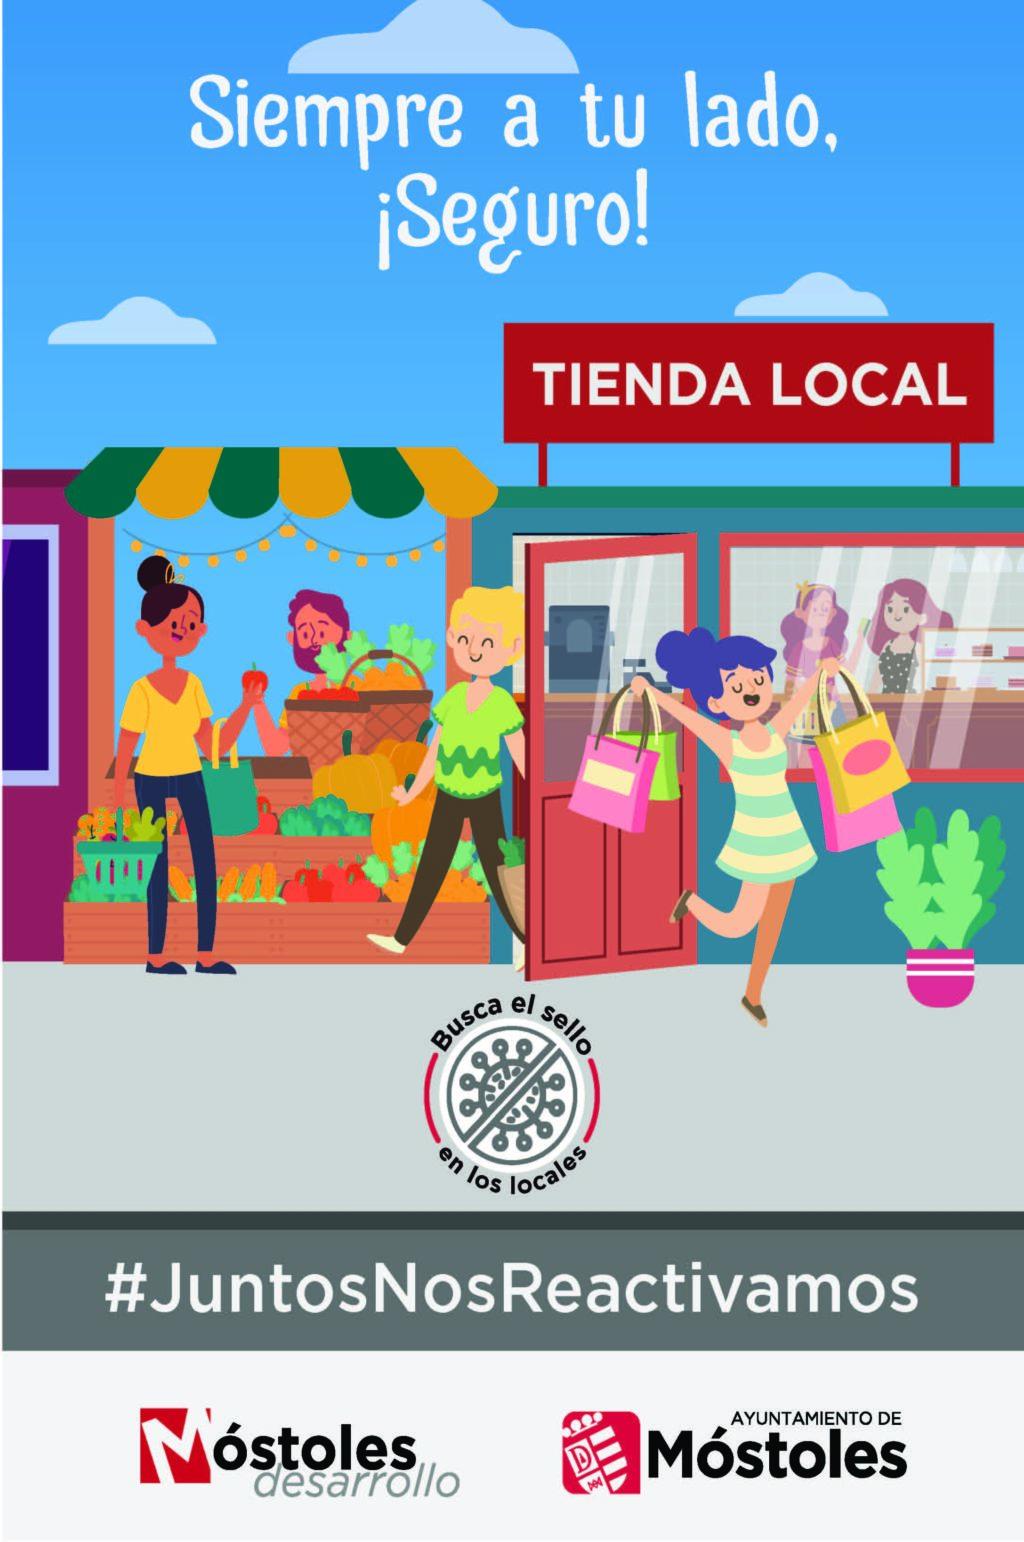 Tienda Local